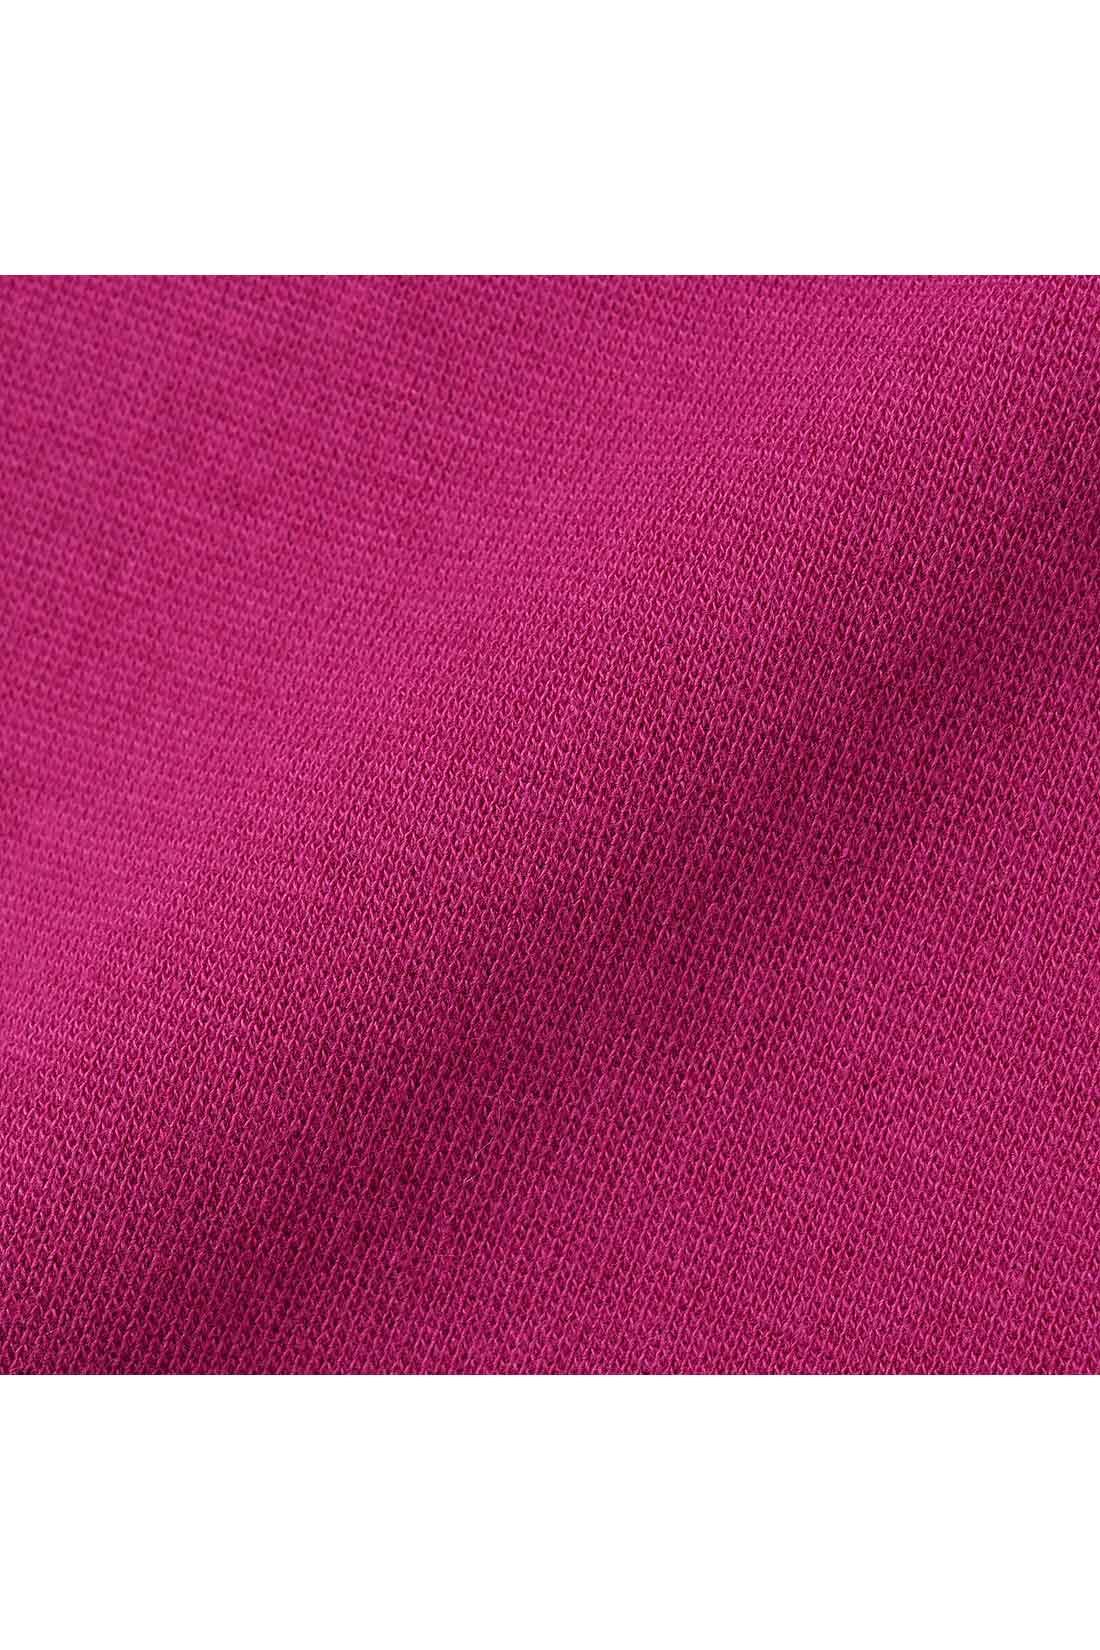 後ろ身ごろと袖口は動きやすい綿混ストレッチカットソー。